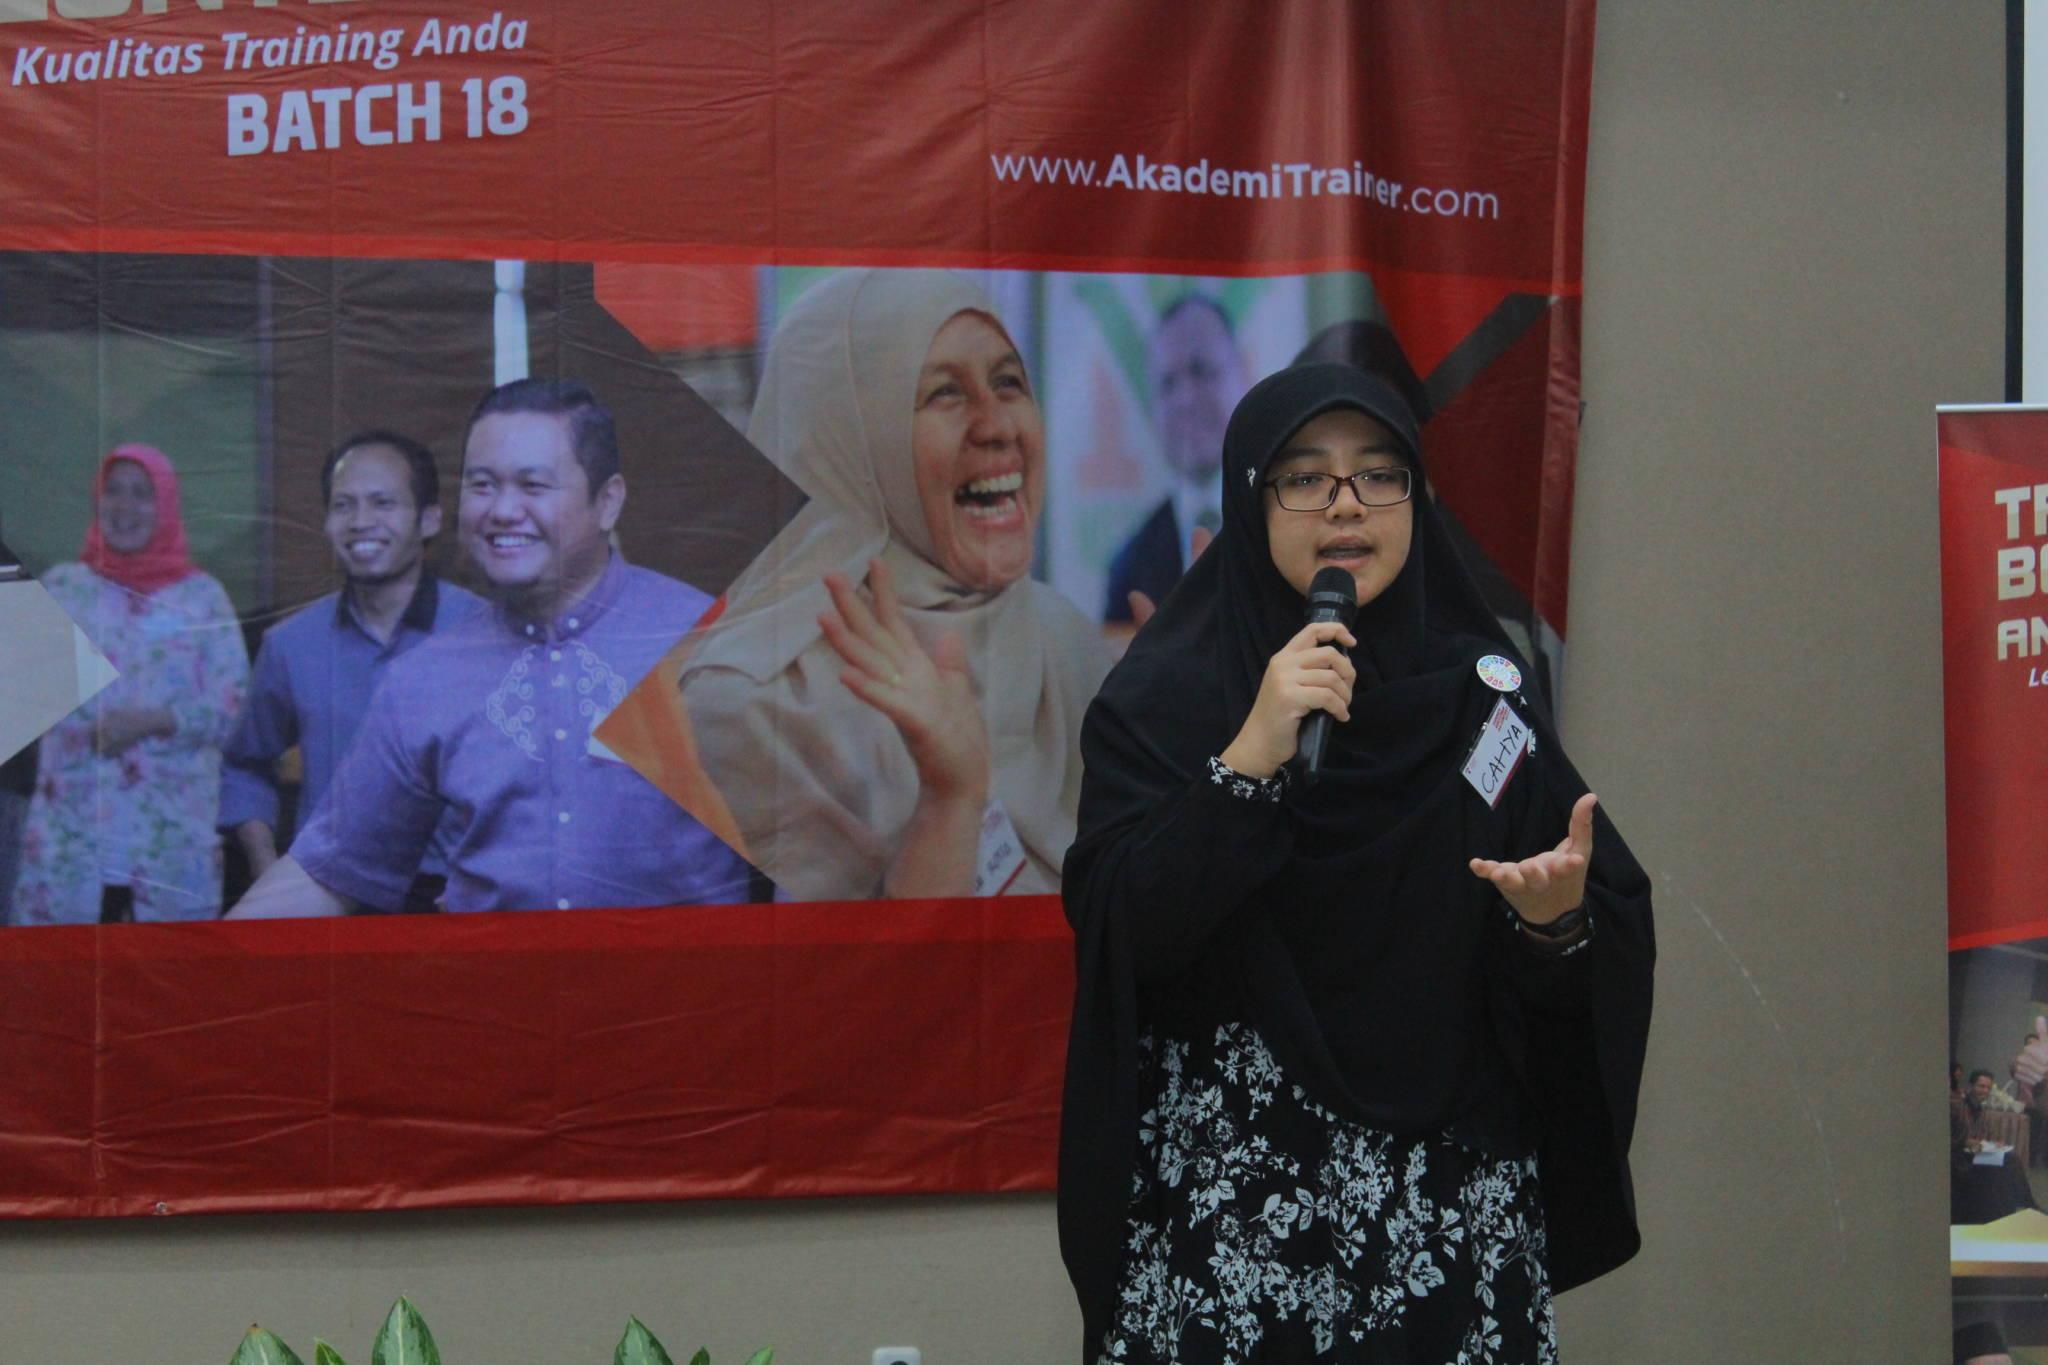 Kiat Supaya Tidak Berbelit-Belit Saat Pidato - Corporate Training Indonesia